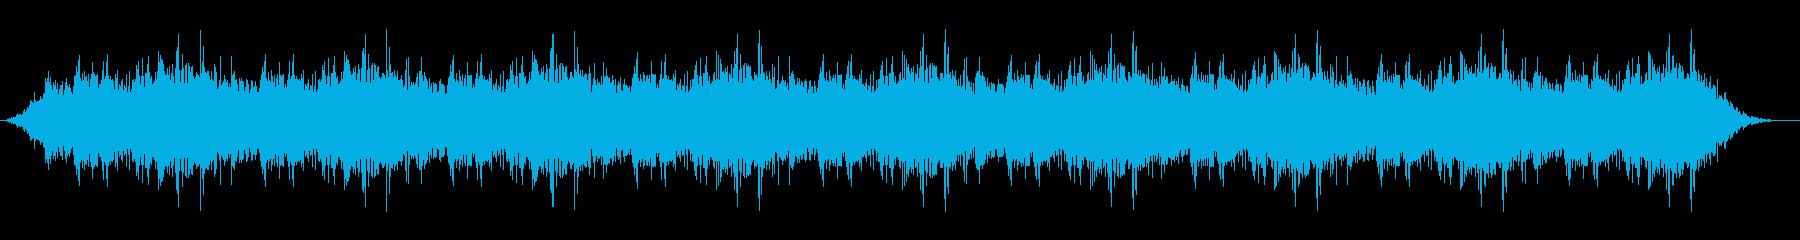 ホラーシーンでの環境音の再生済みの波形